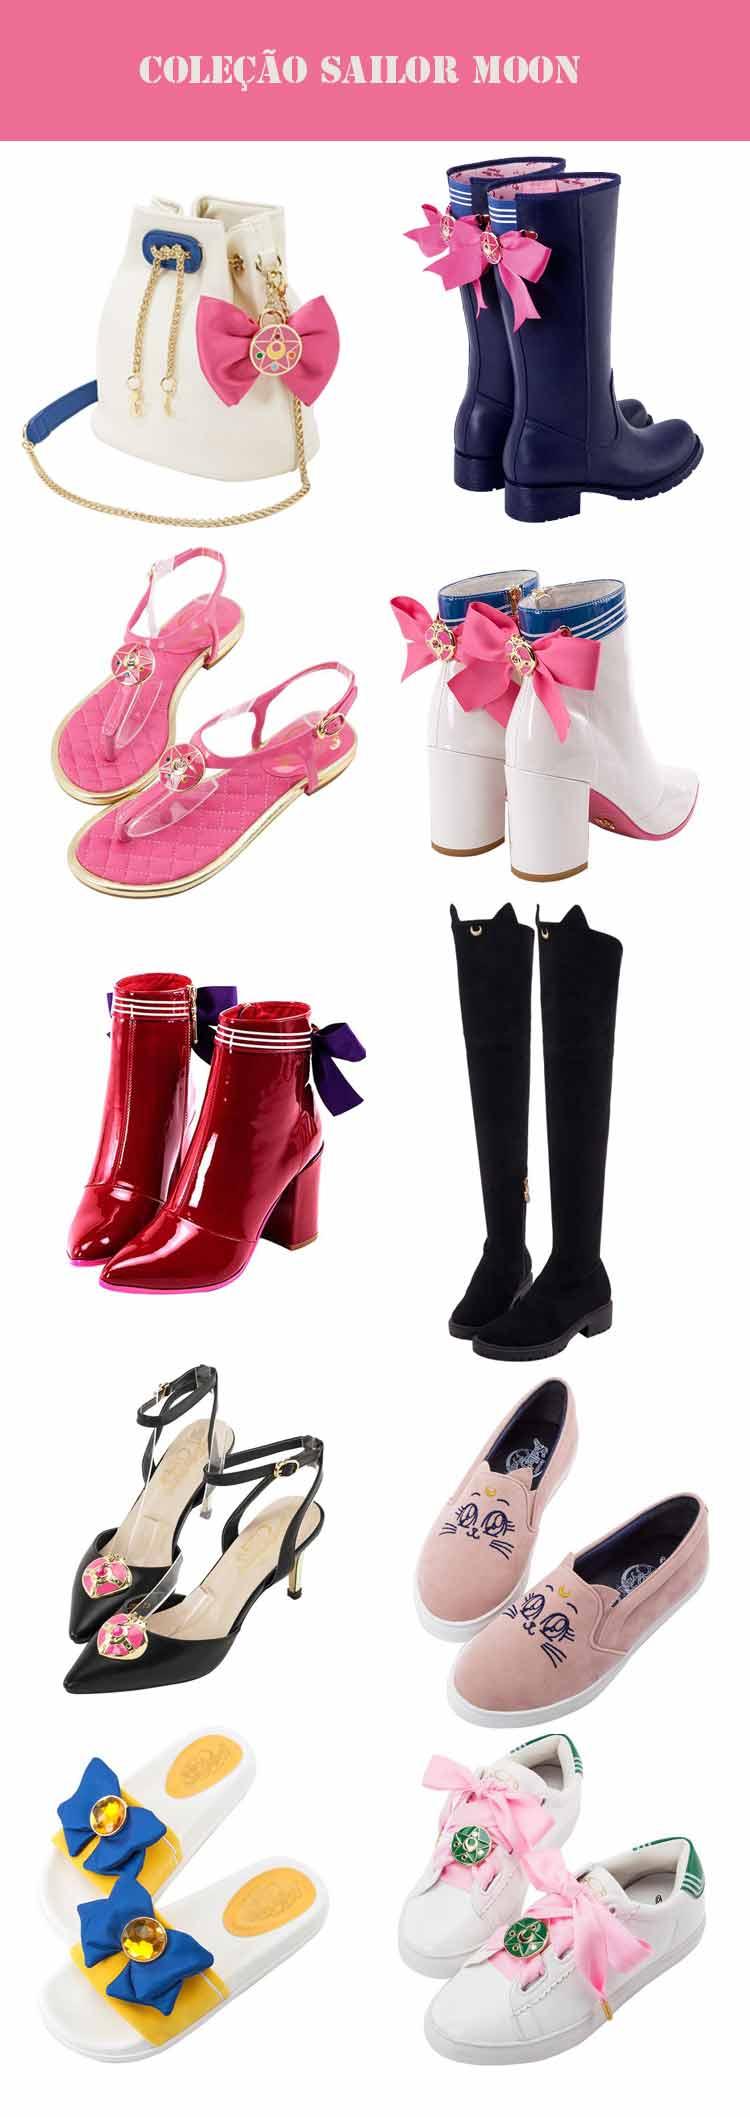 coleção-de-calçados-e-bolsas-sailor-moon